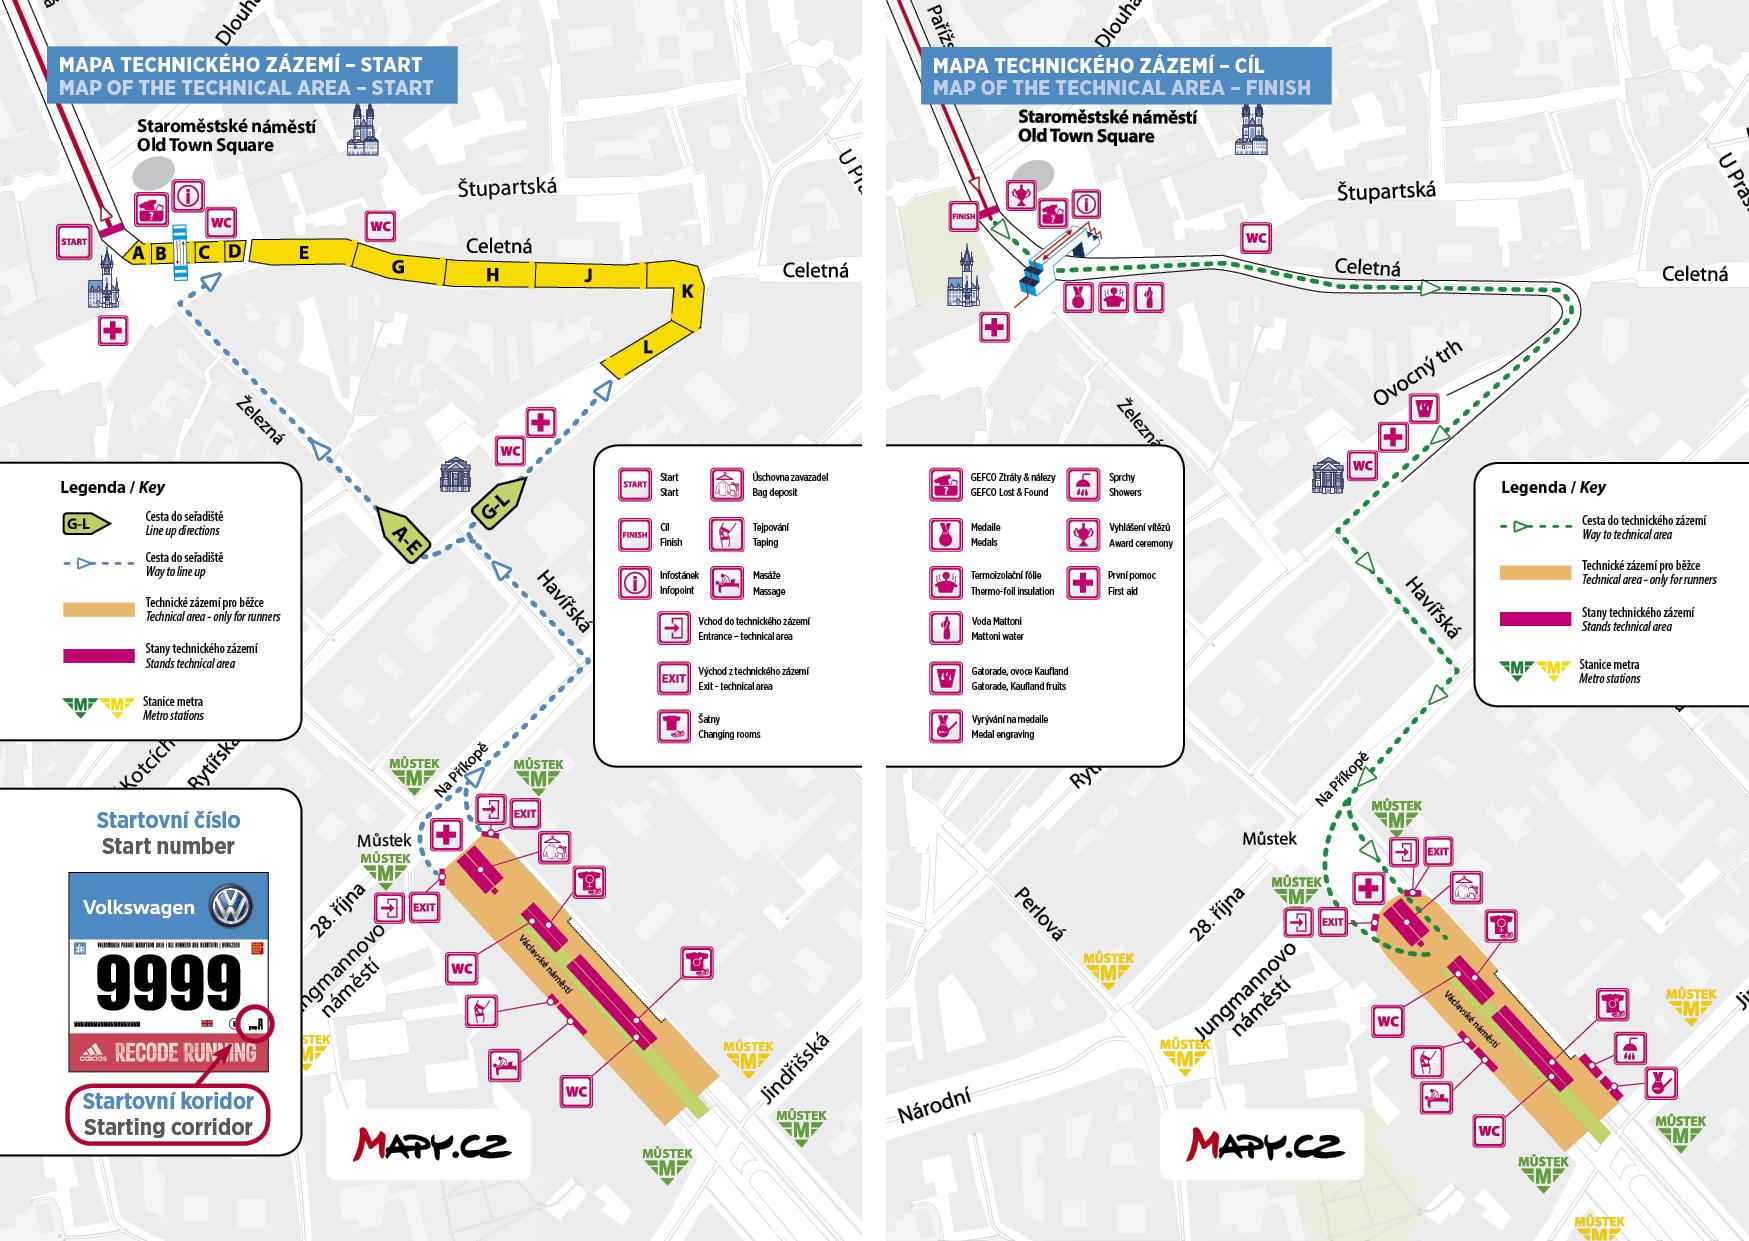 Prag Karte Offentliche Verkehrsmittel.Laufer Info Runczech